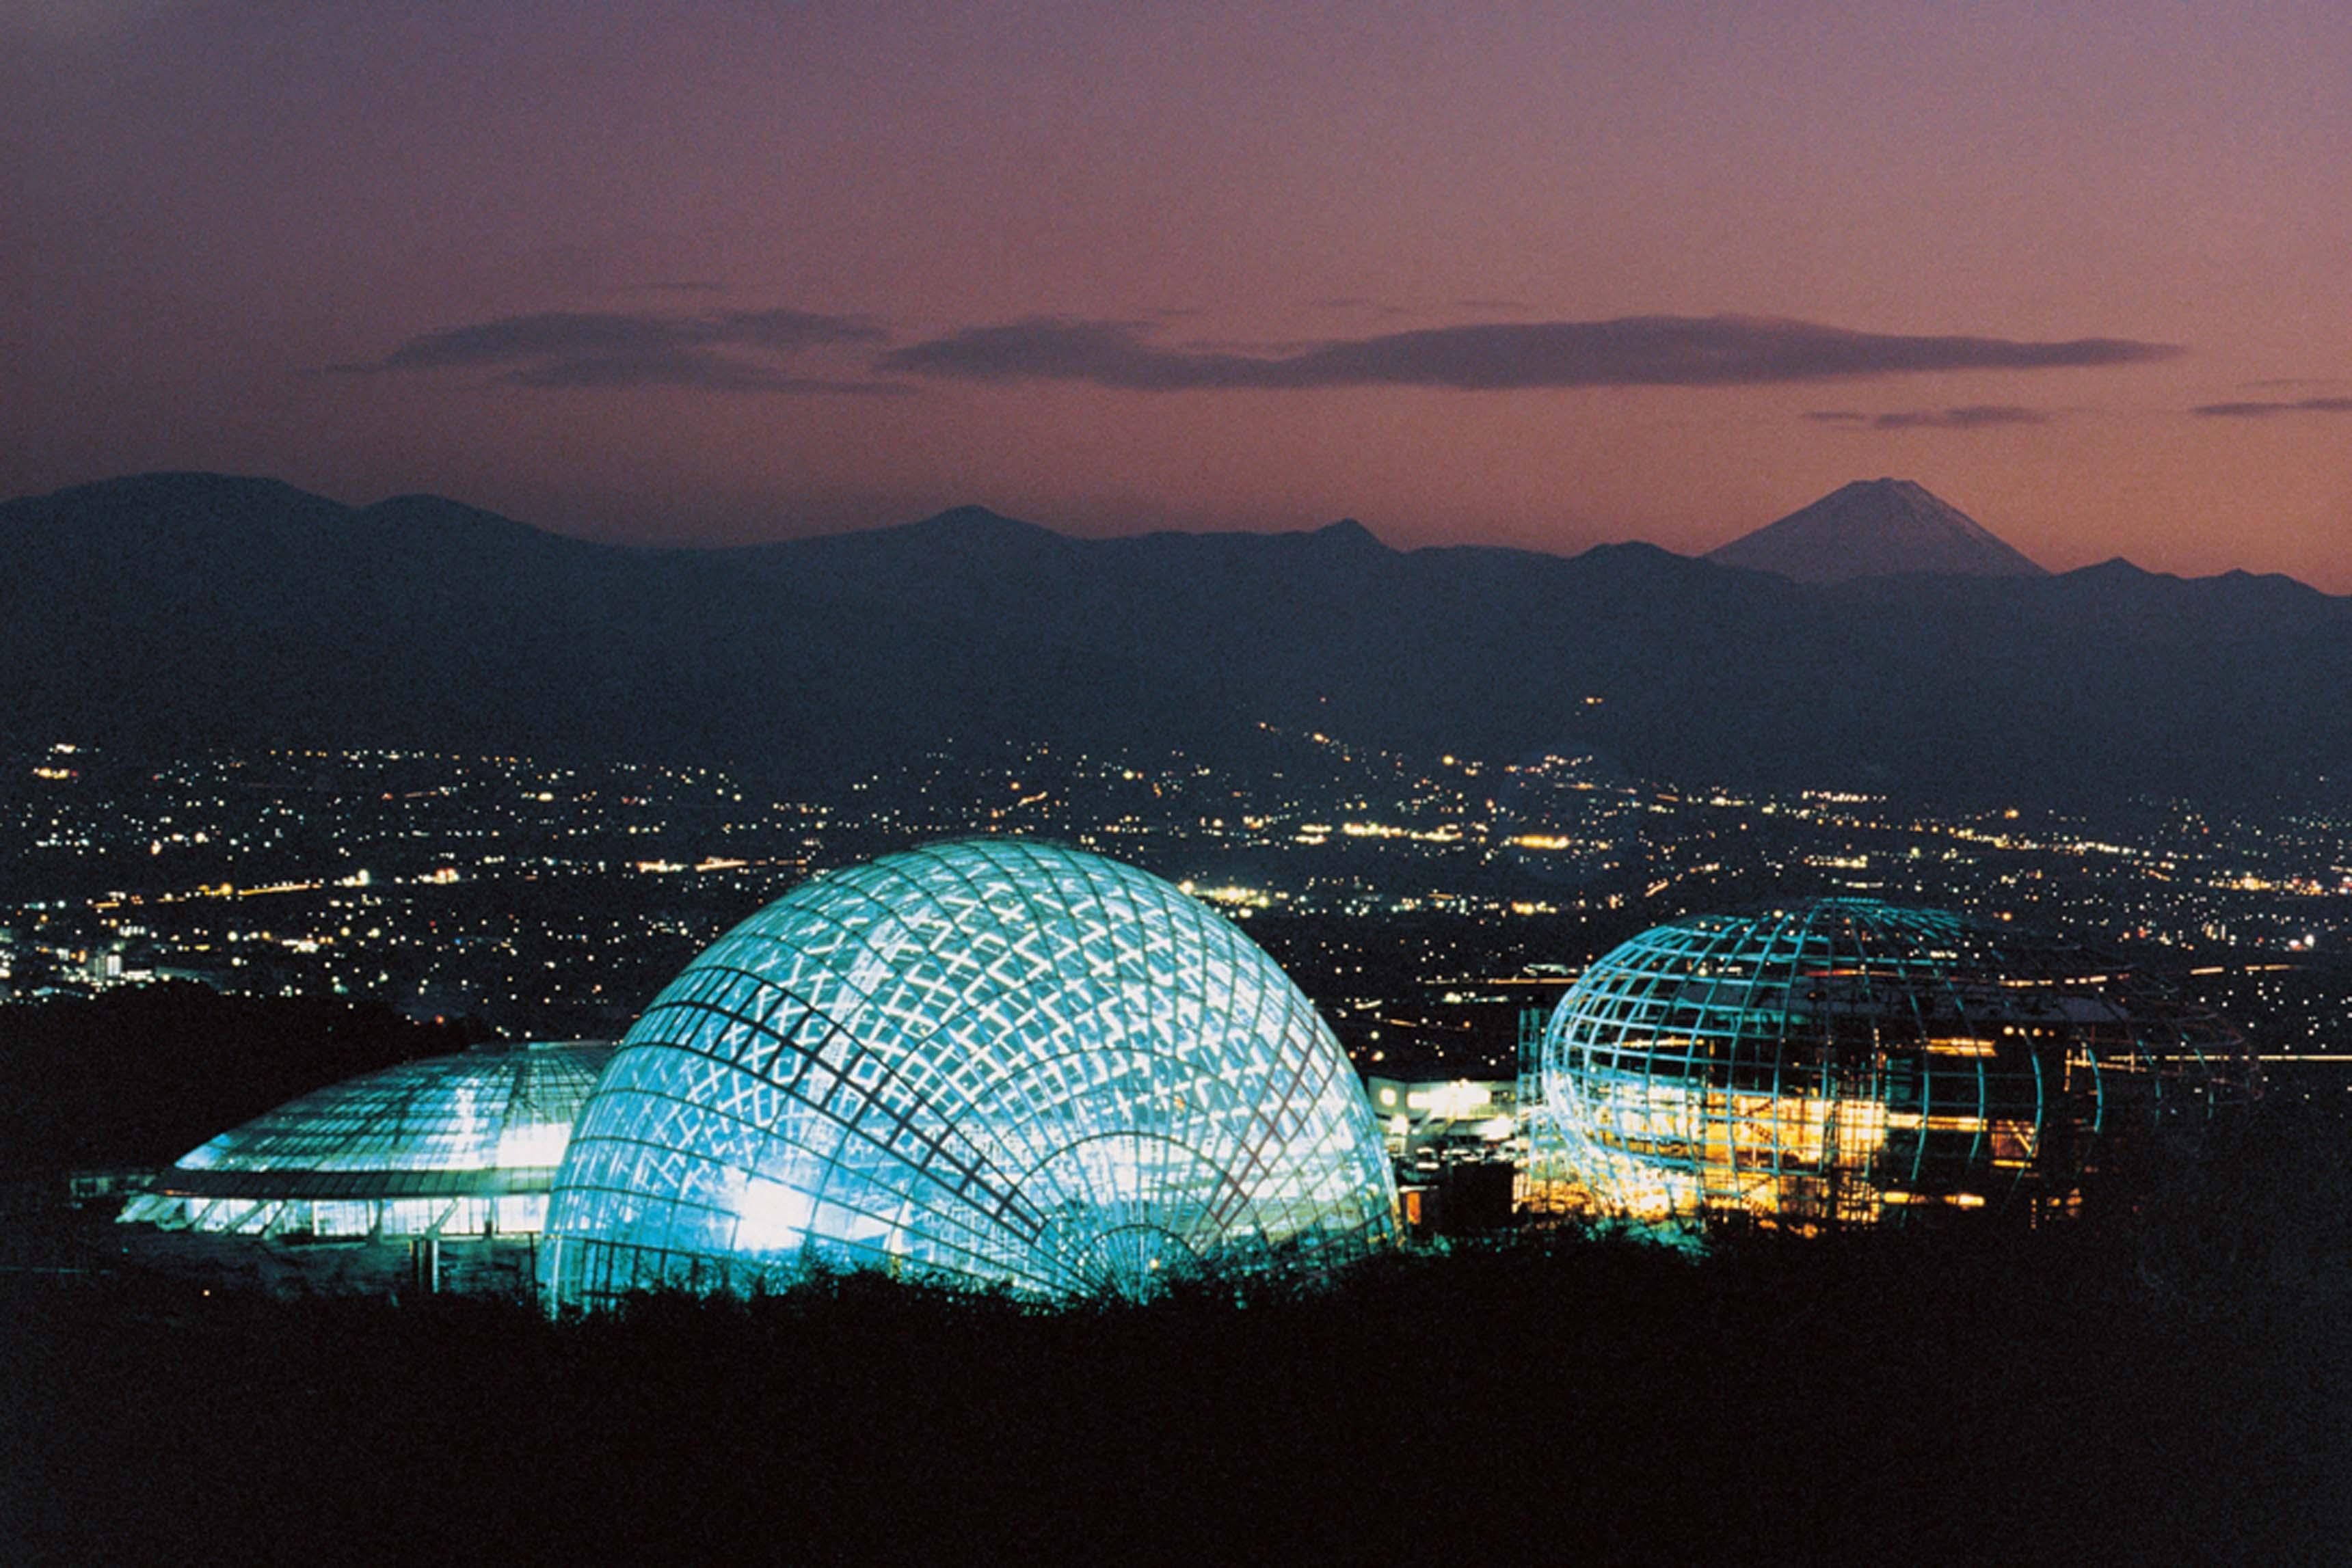 Itsuko Hasegawa, Jardin et musée du Fruit, Yamanashi, 1996